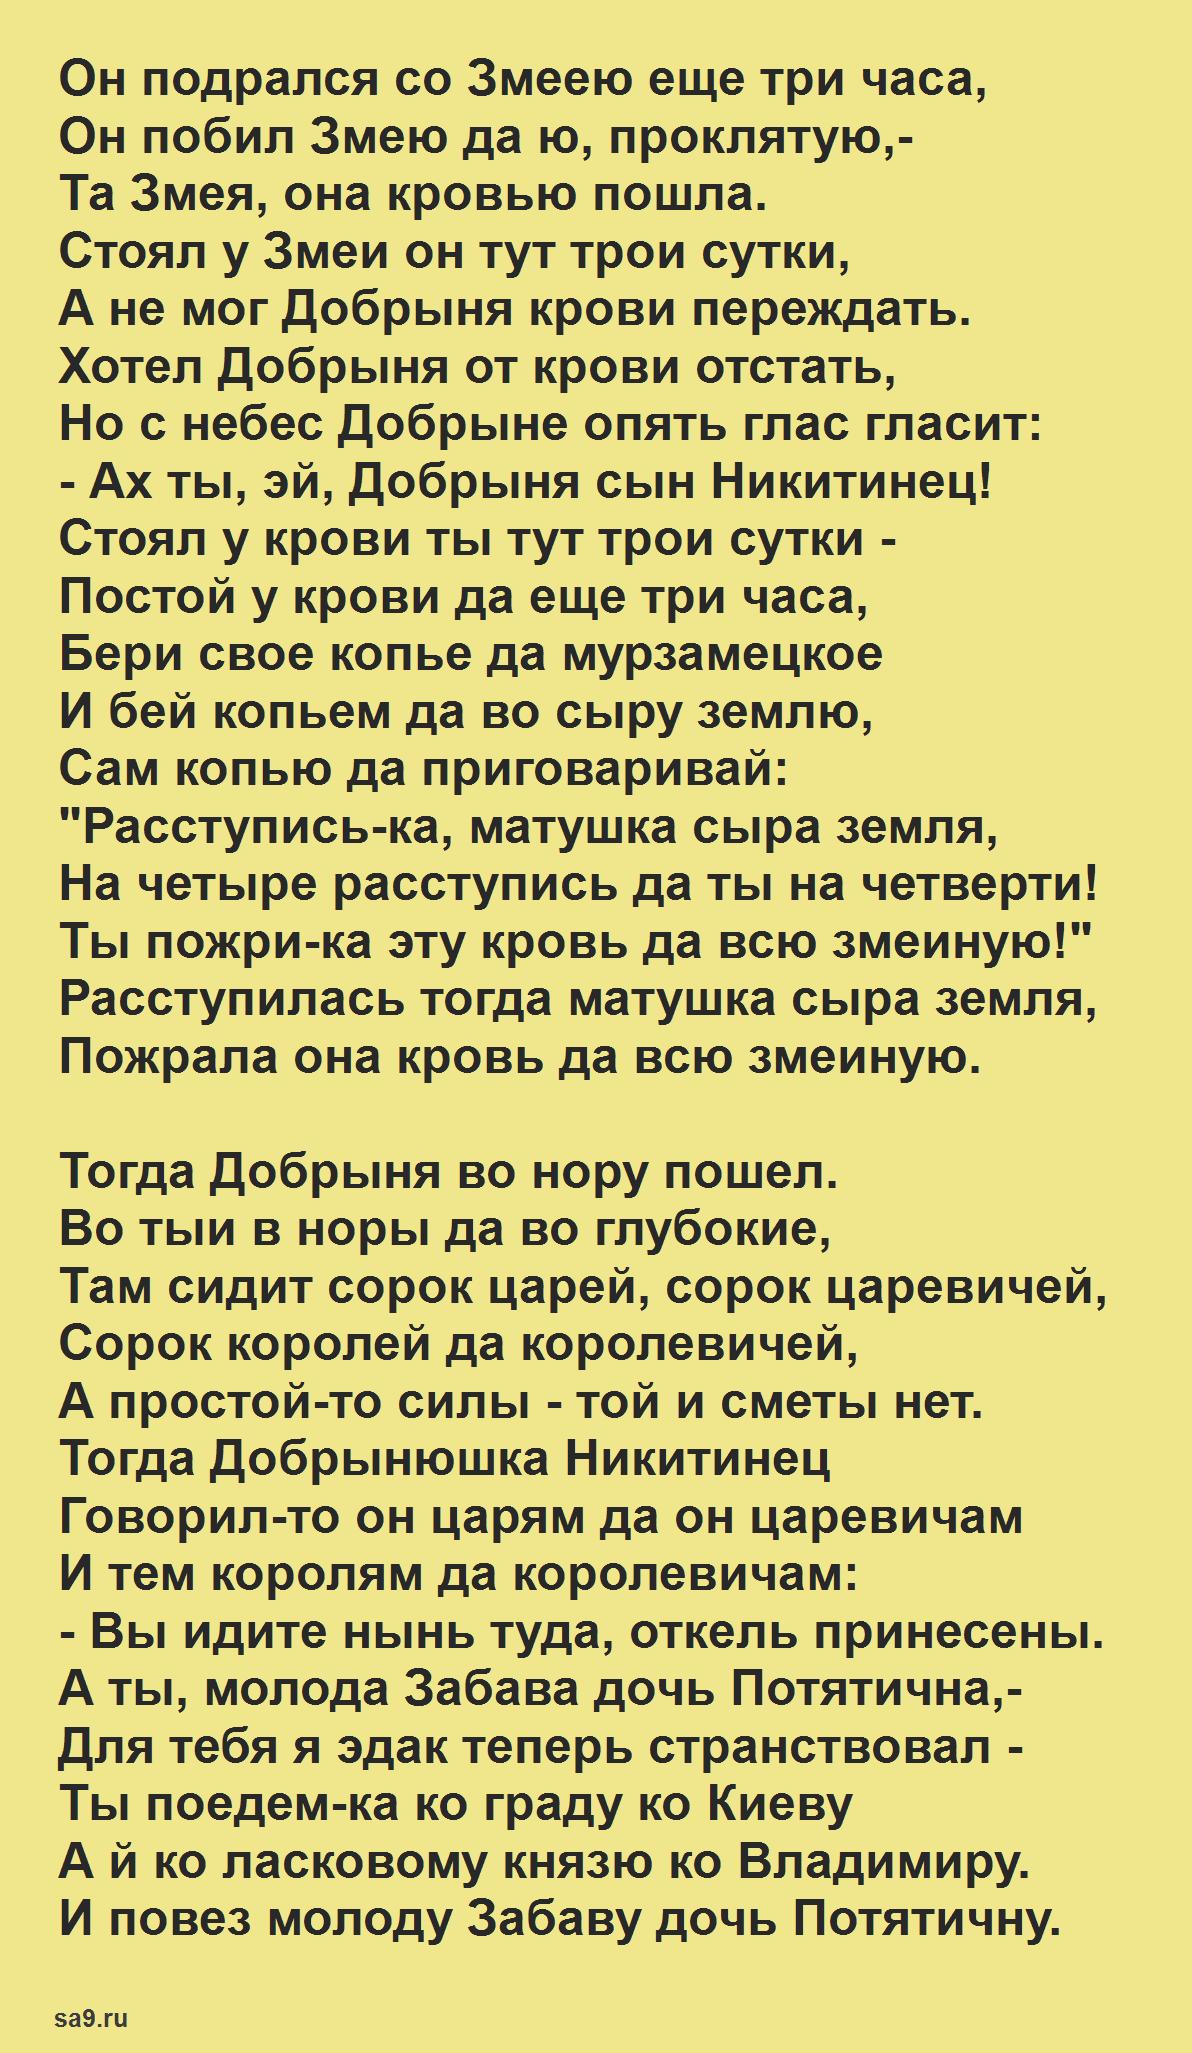 Читаем русскую народную былину - Добрыня Никитич и Змей Горыныч